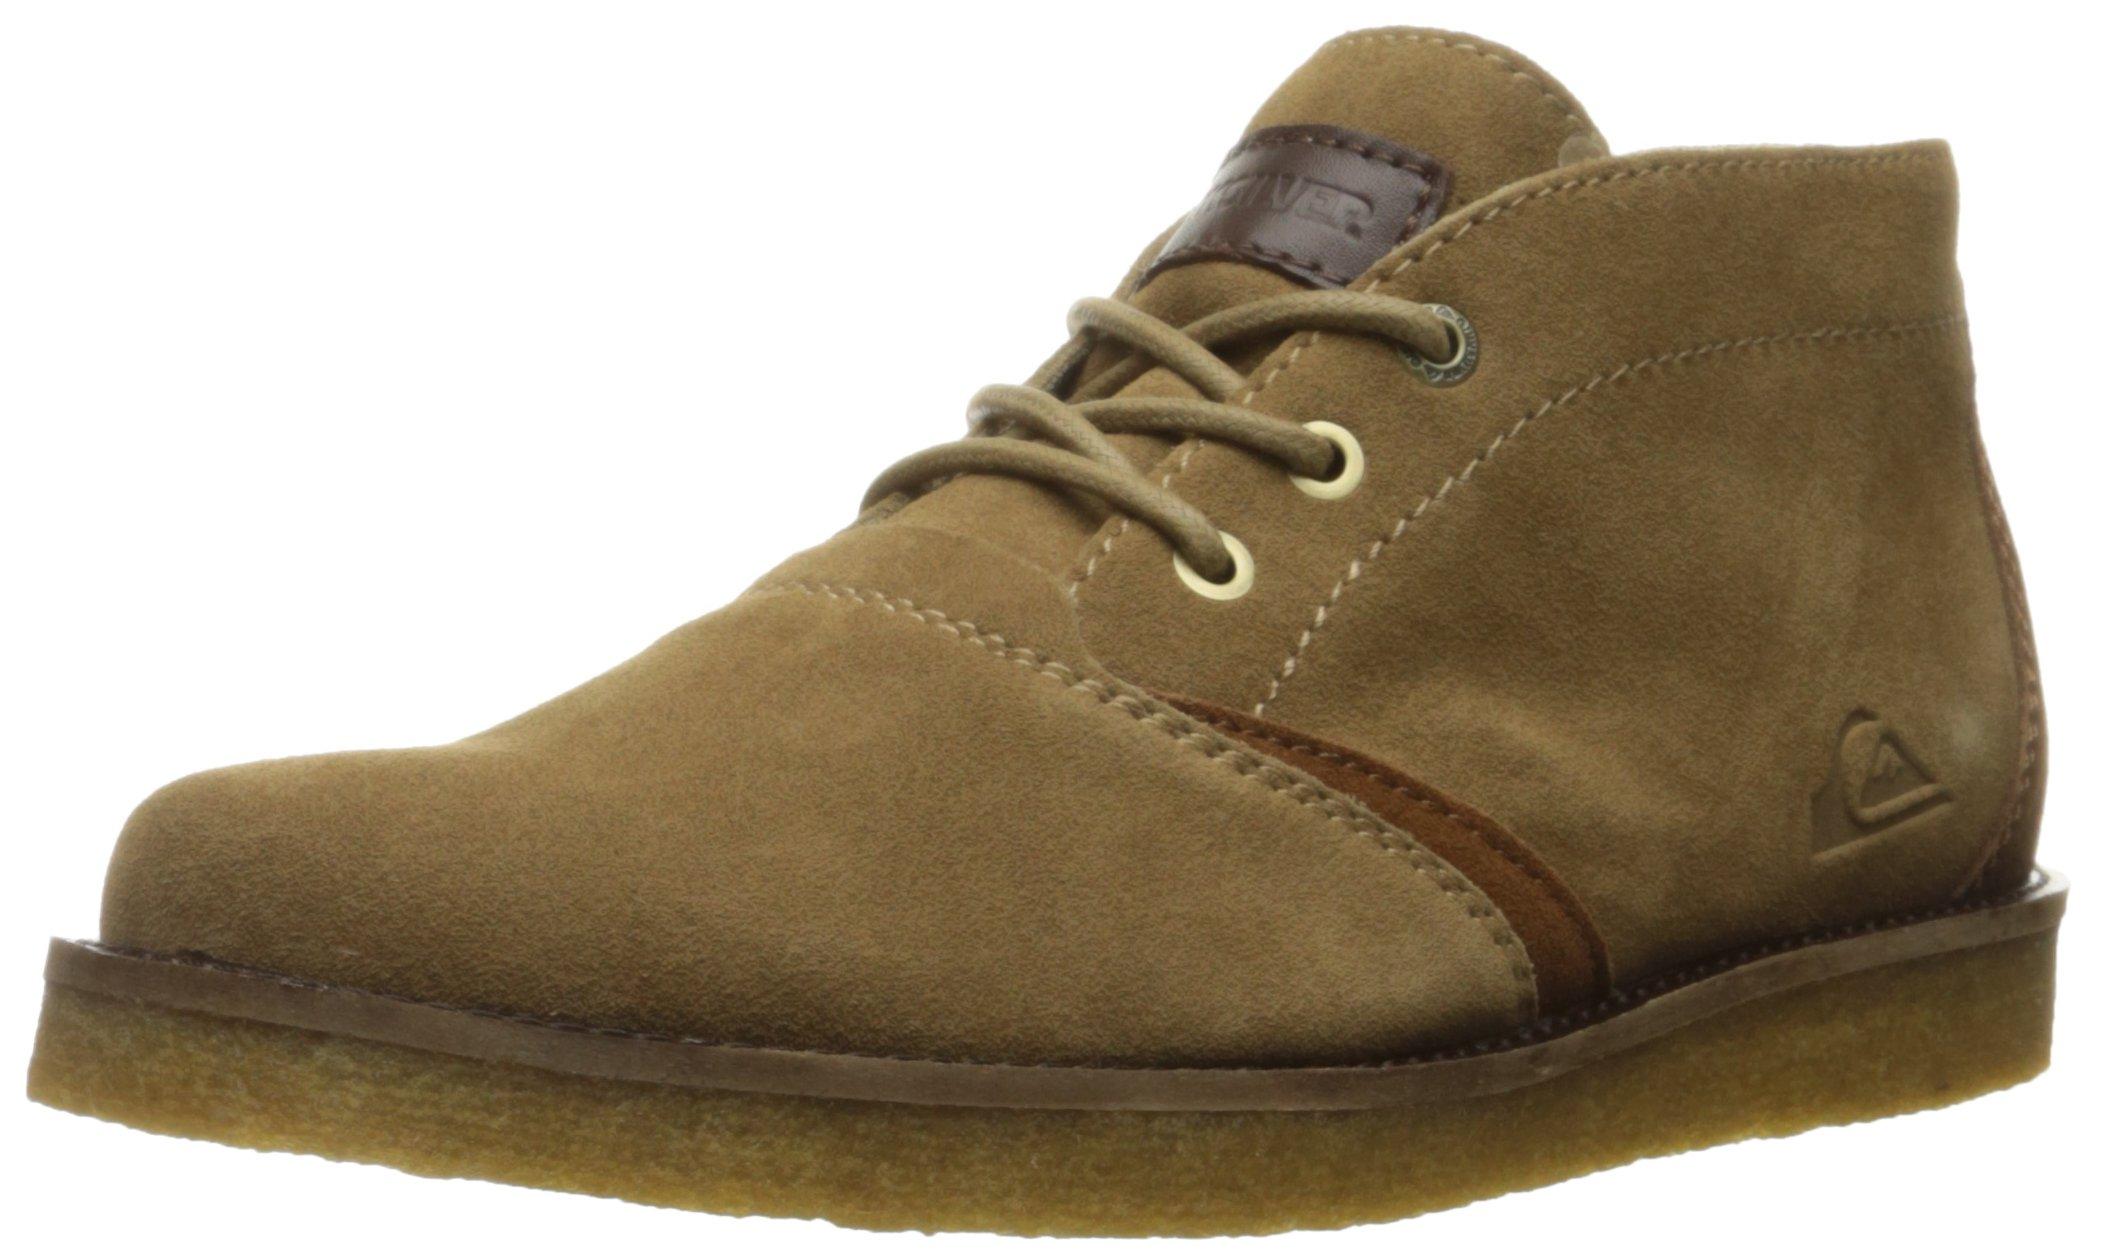 Quiksilver Men's Harpoon Chukka Boots, Brown/Brown/Brown, 7 M US